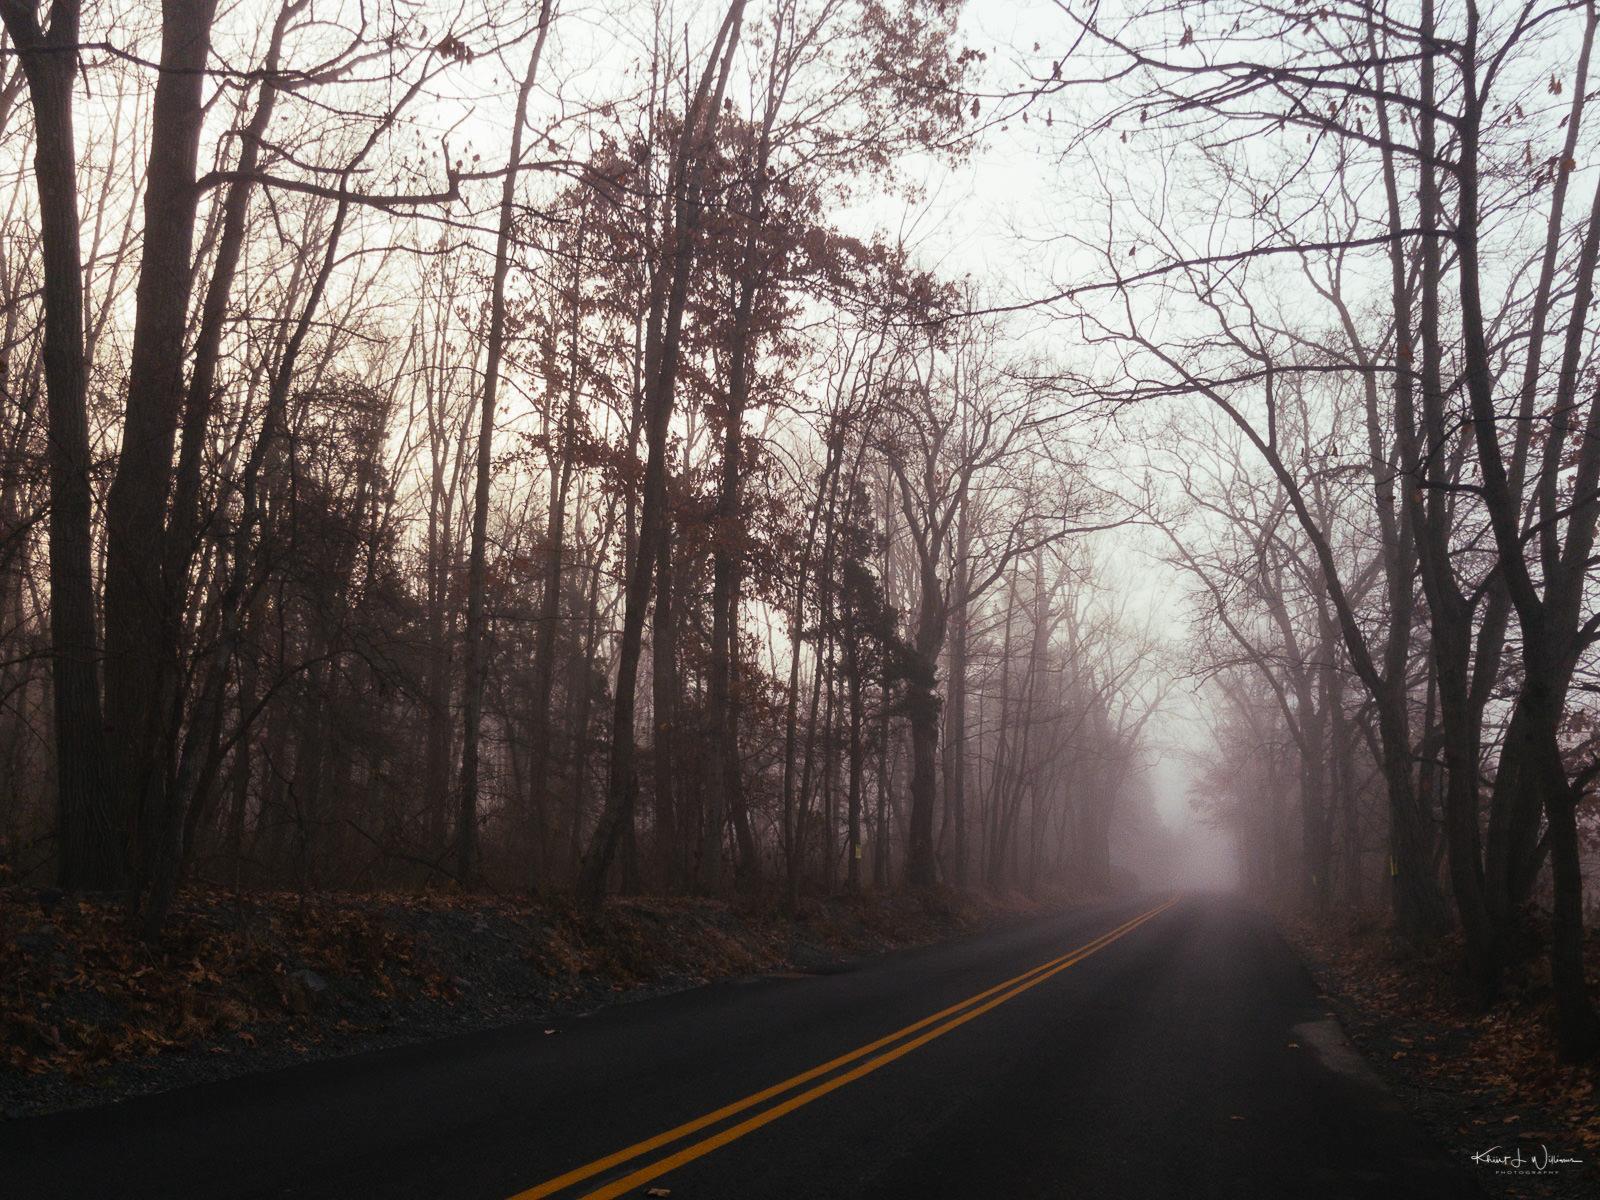 Fog, Road